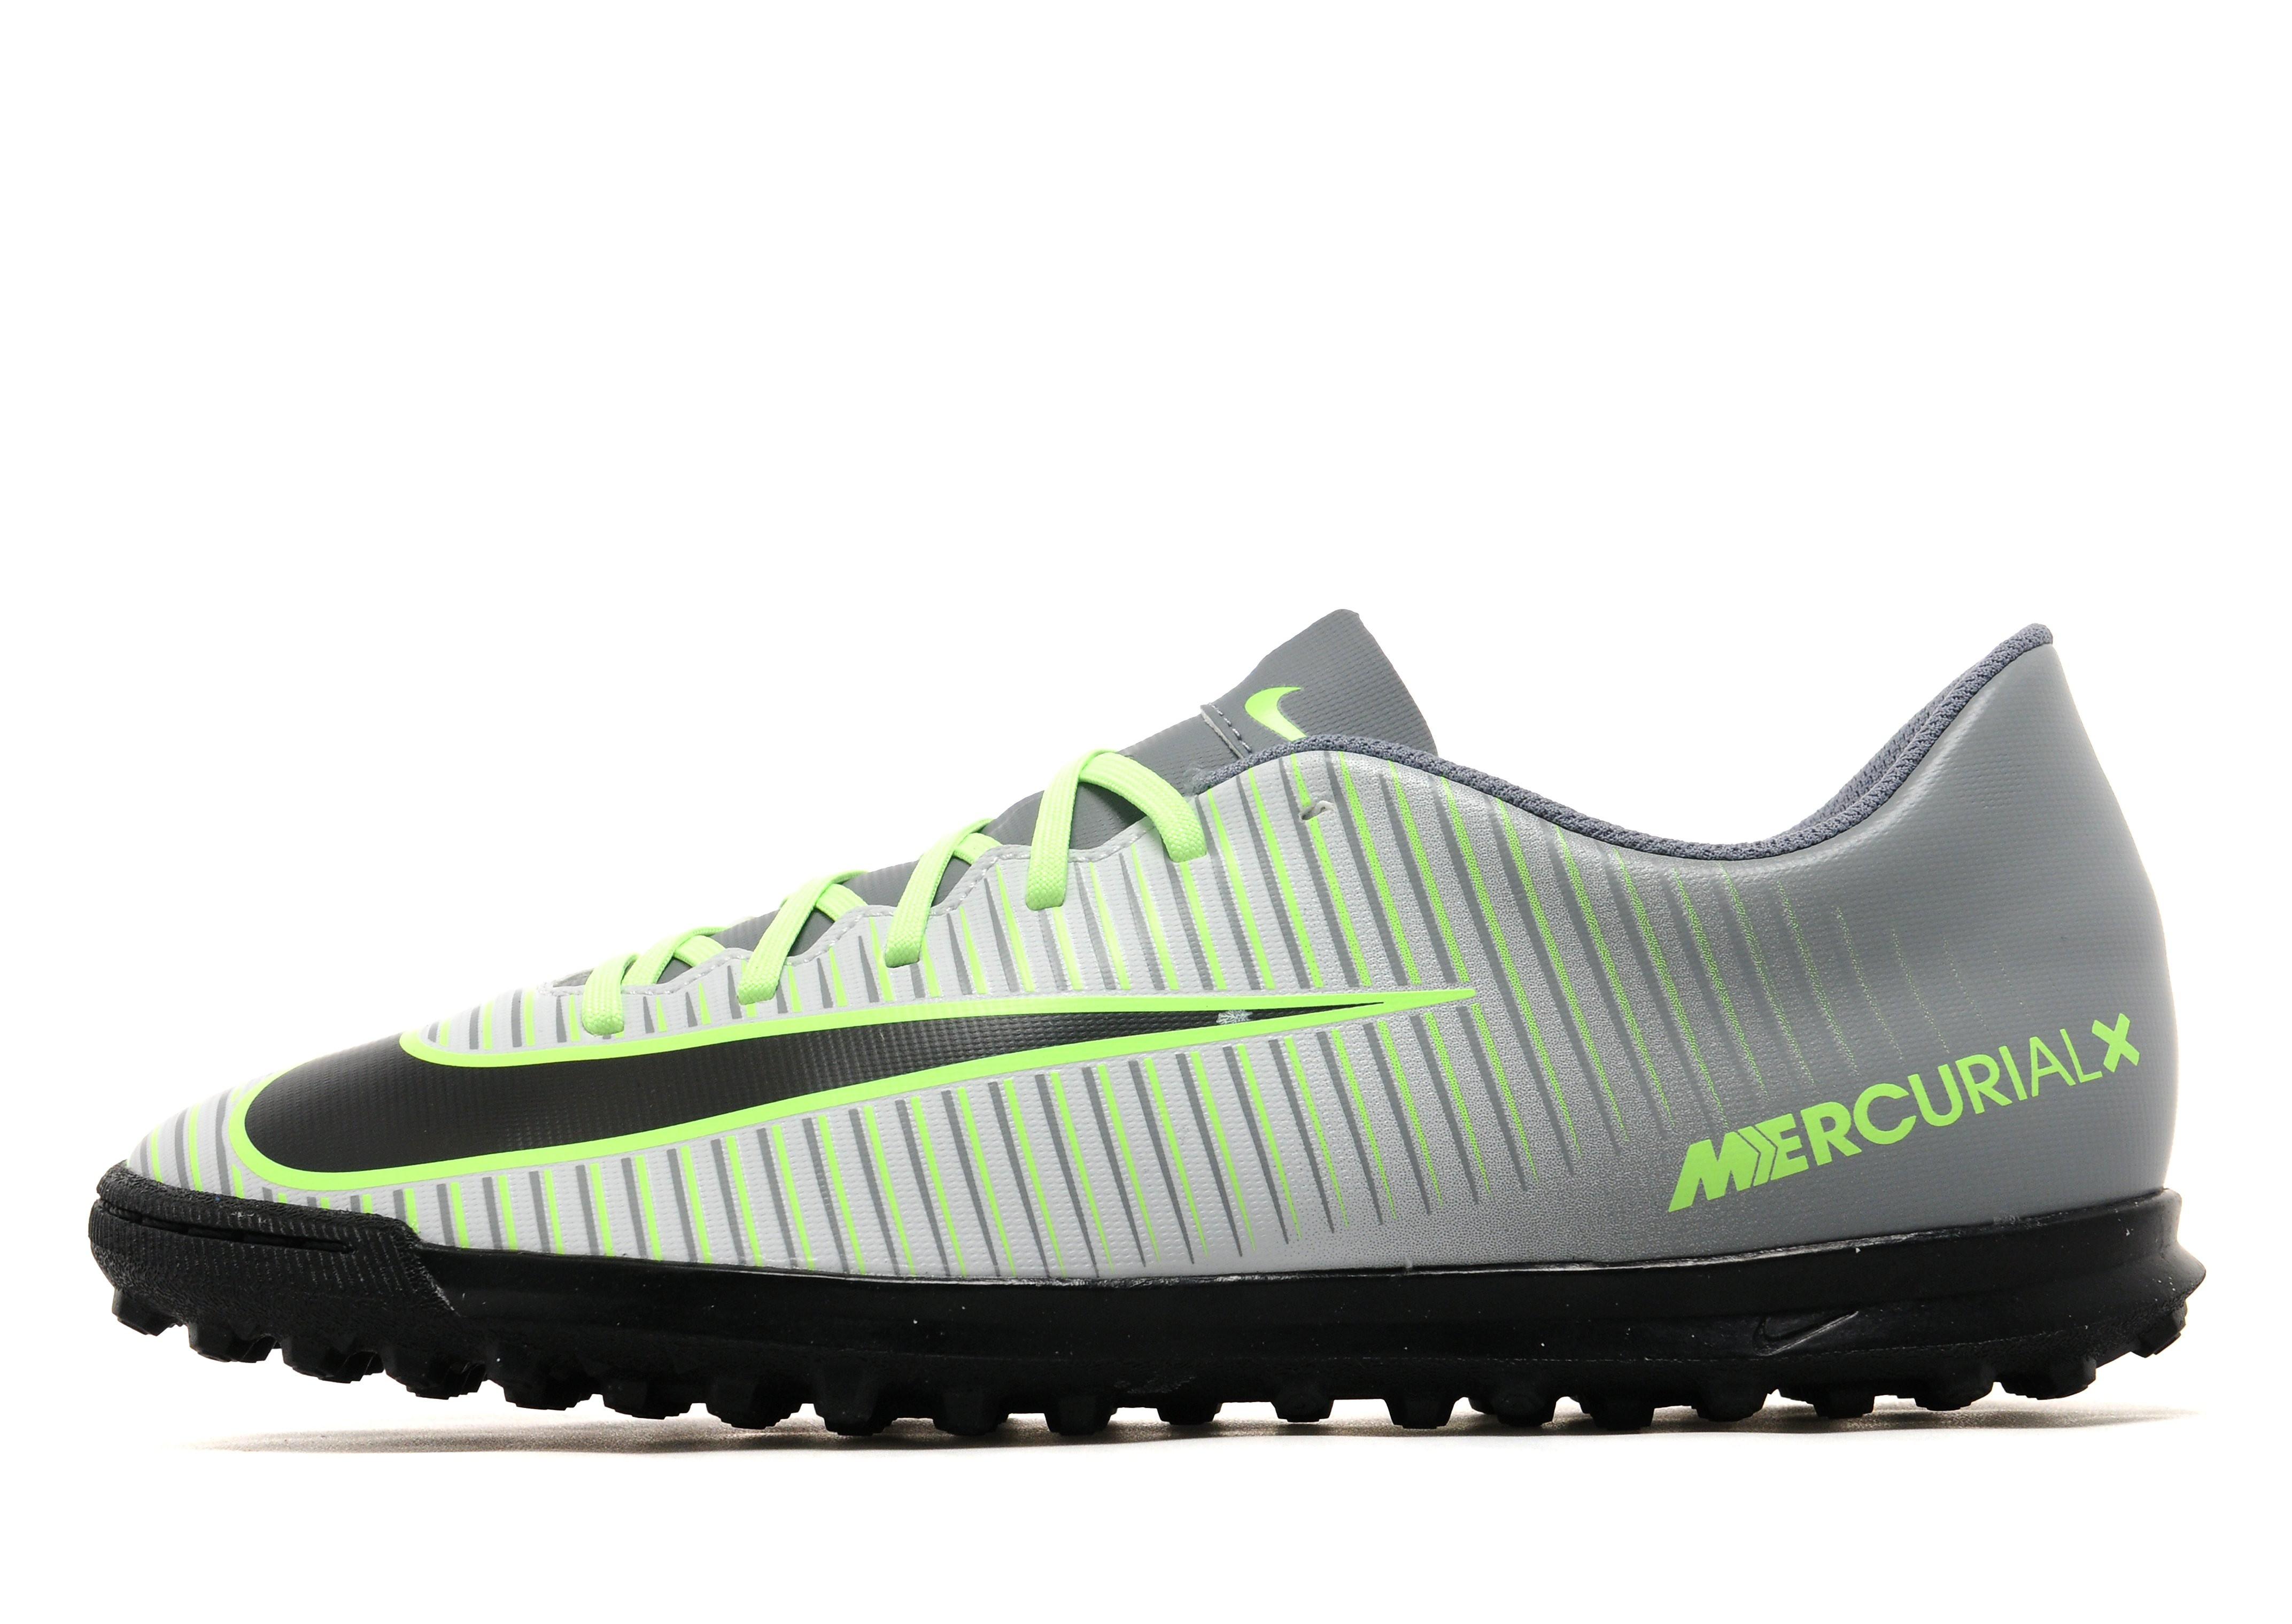 Nike Elite Mercurial Vortex II Turf